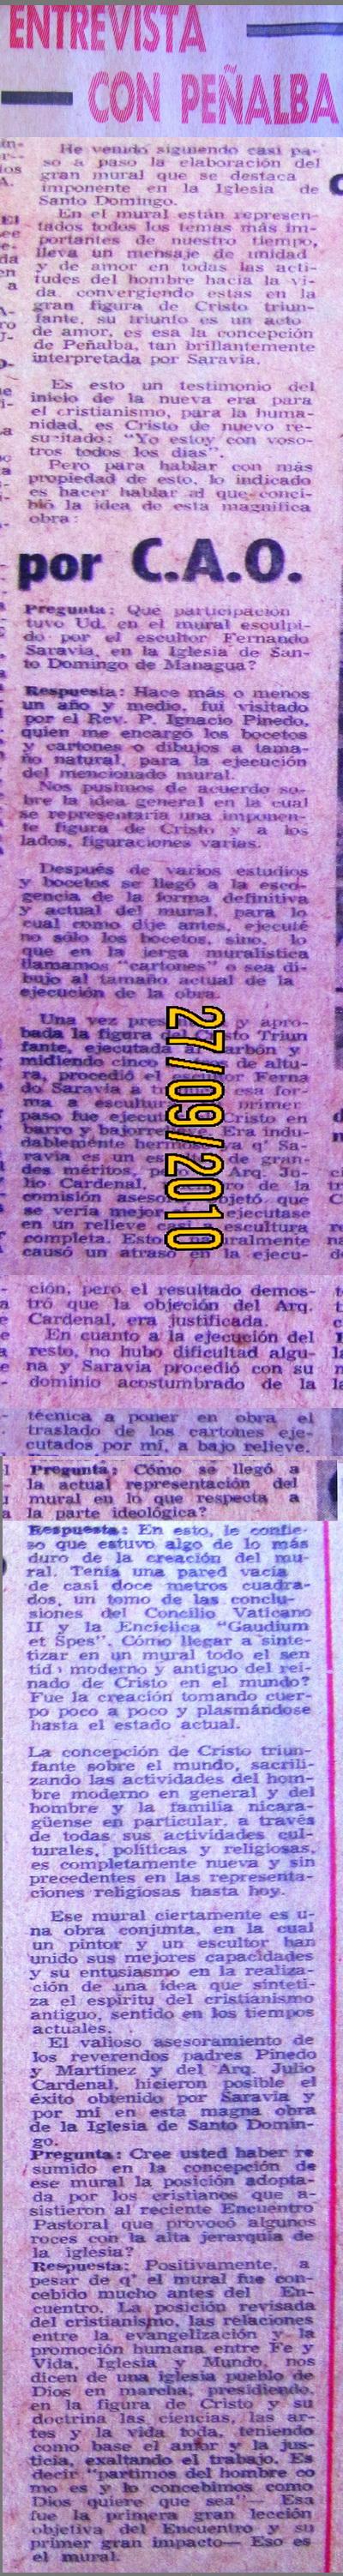 La Prensa Literaria